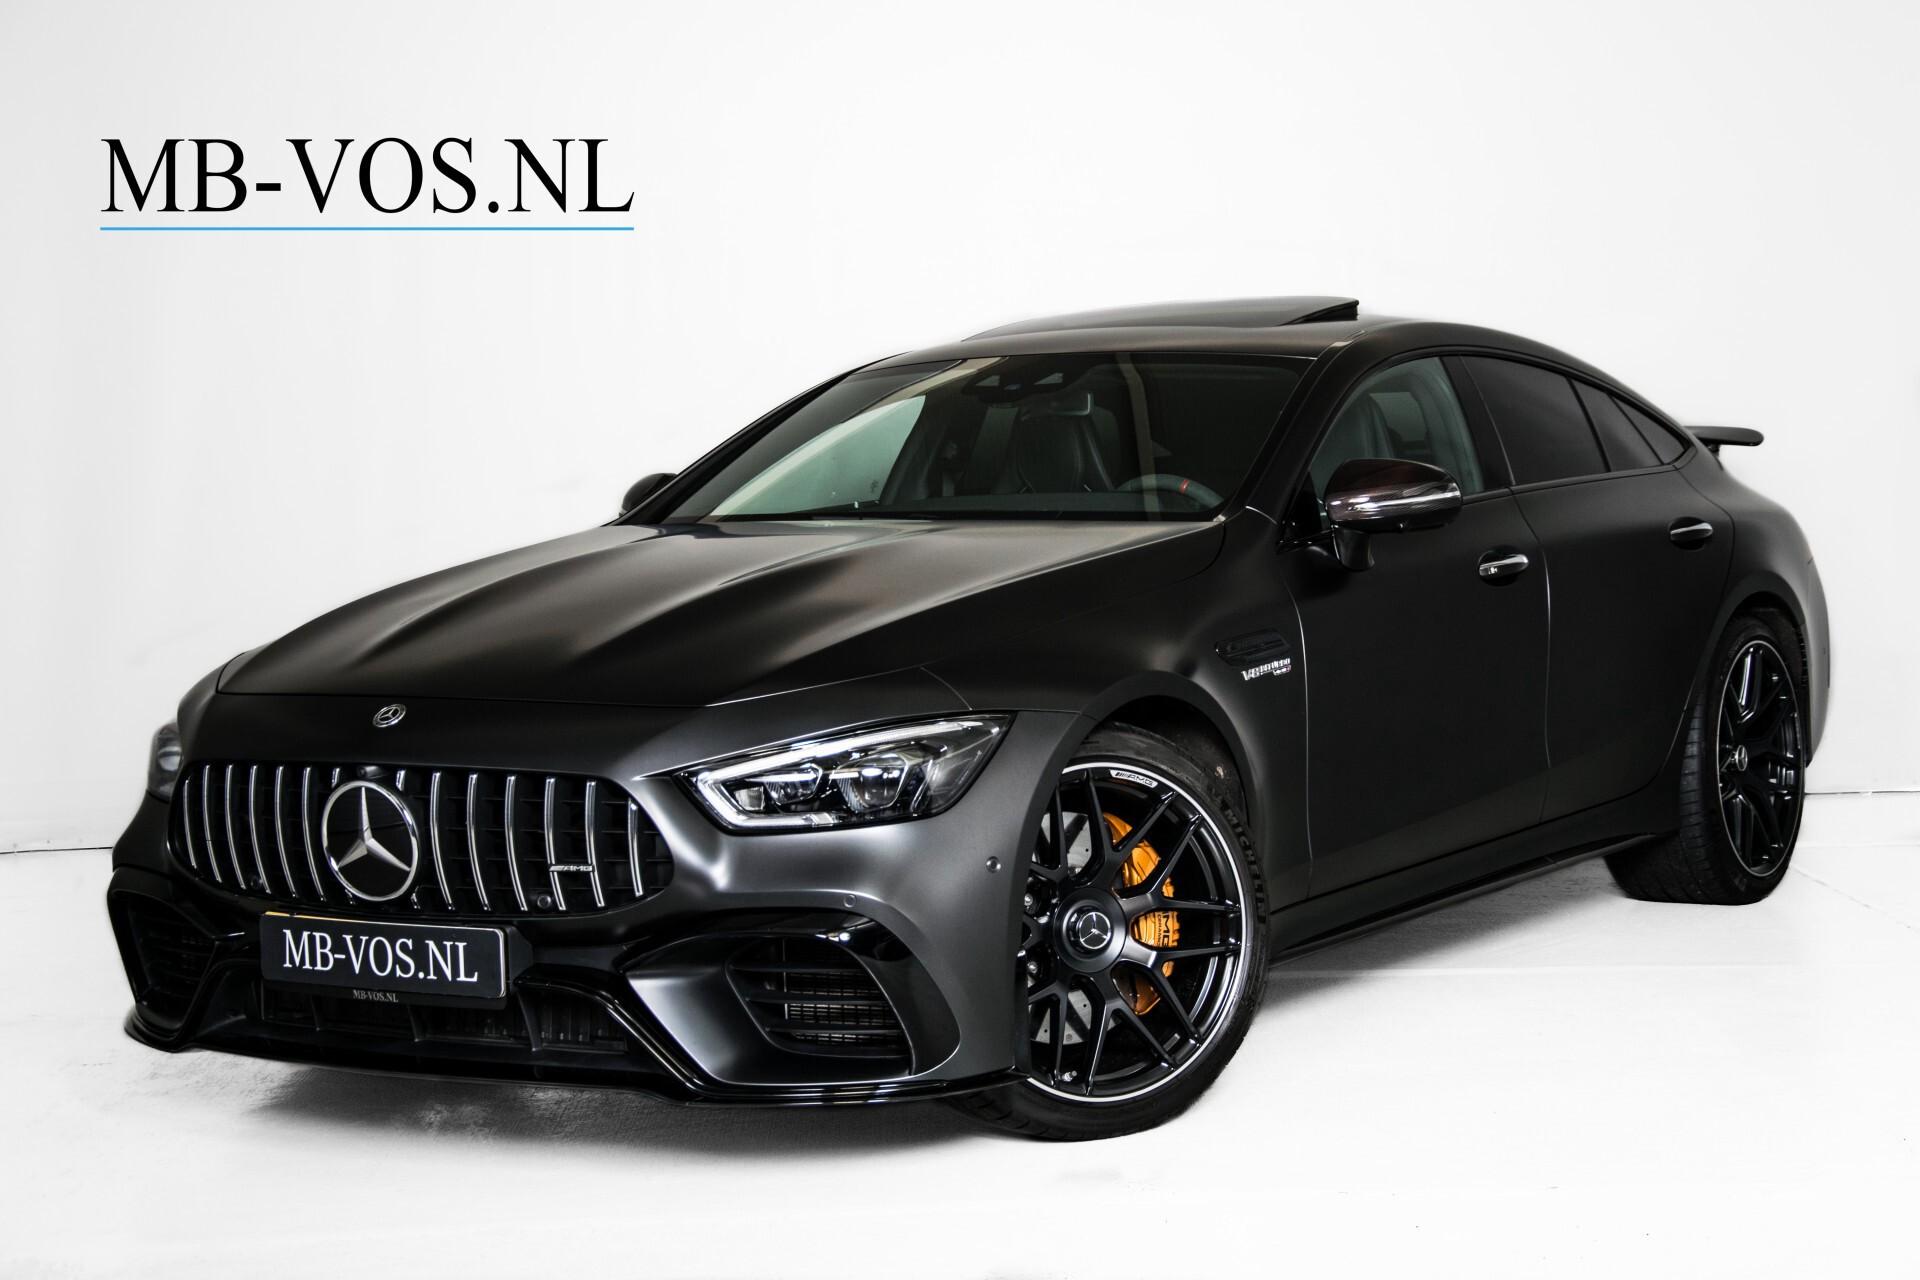 Mercedes-Benz AMG GT 4-Door Coupe 63 S 4M+ Keramisch/Full Carbon/Aerodynamica/Burmester 3D/TV/Performance stoelen/Standkachel Aut9 Foto 1